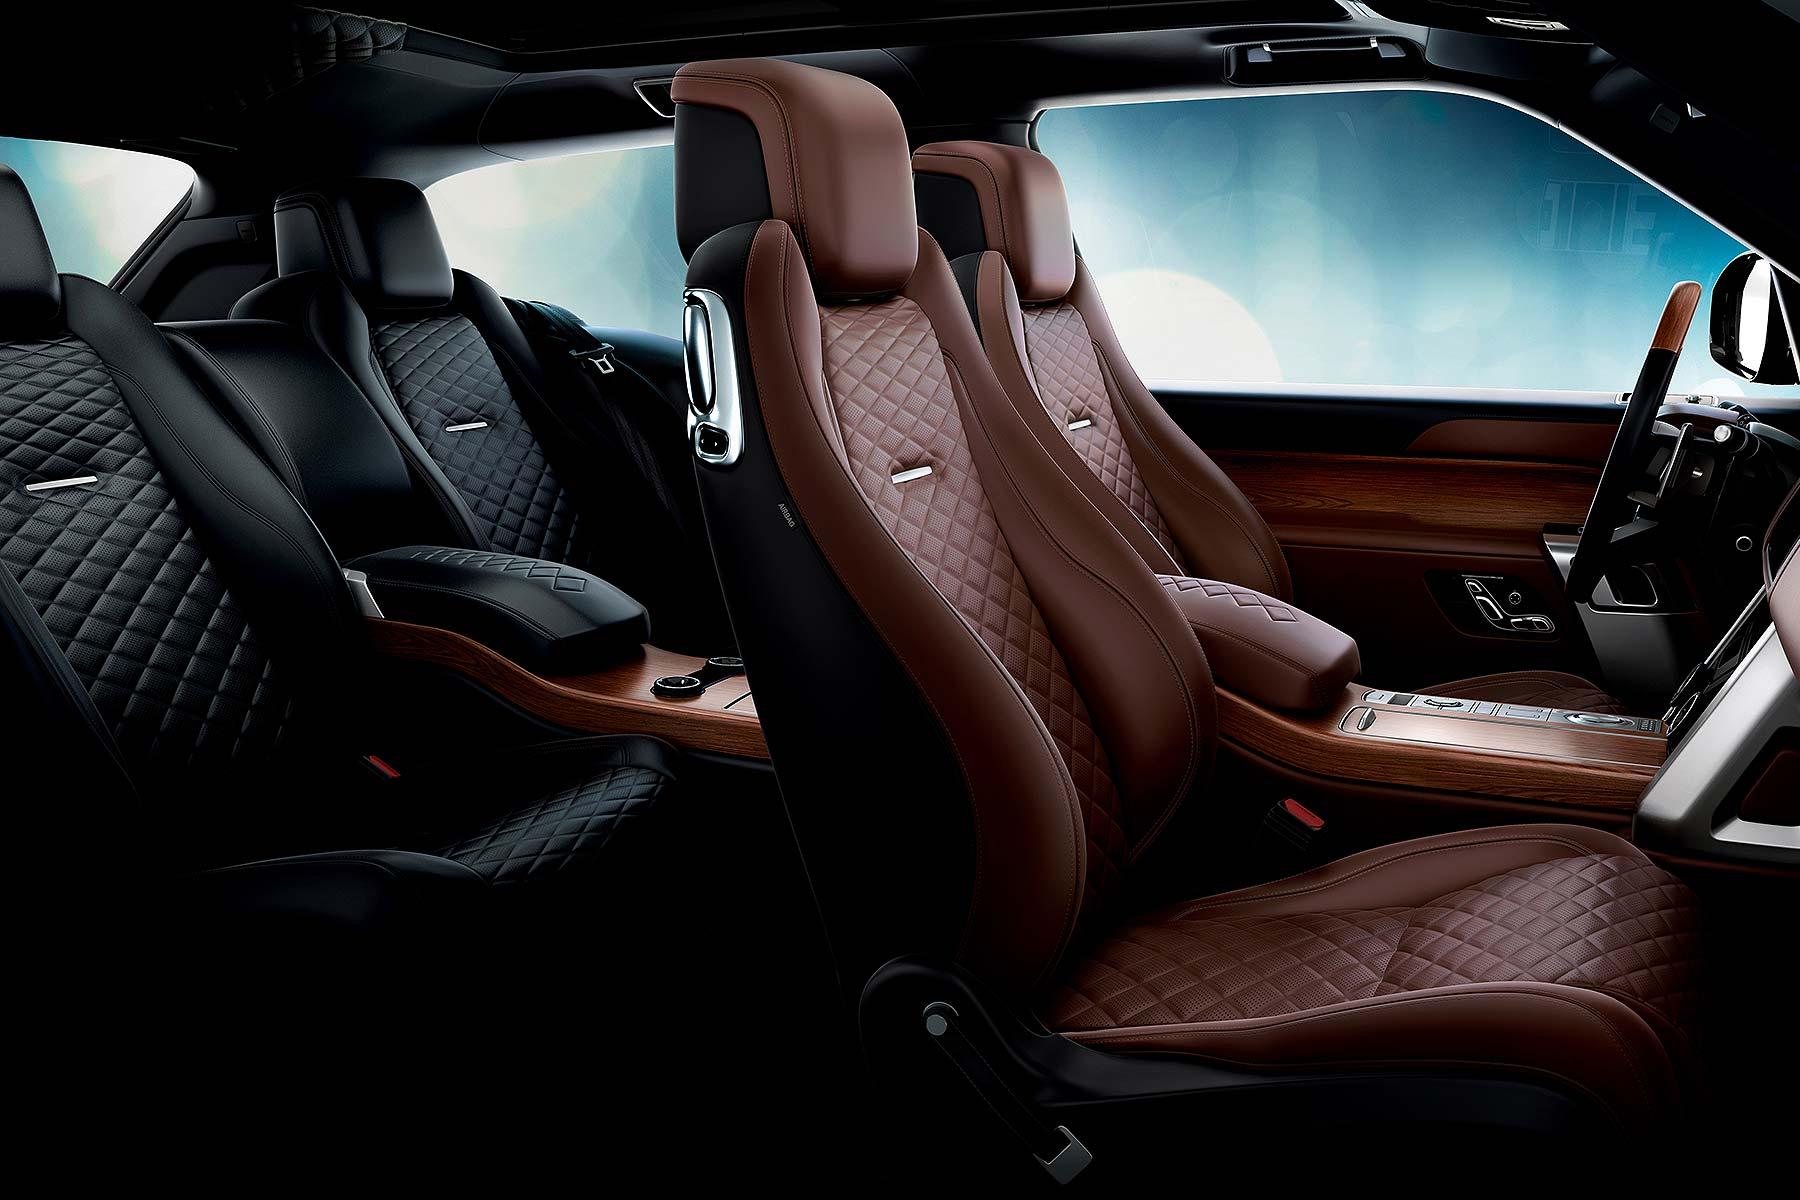 Range Rover SVCoupe interior